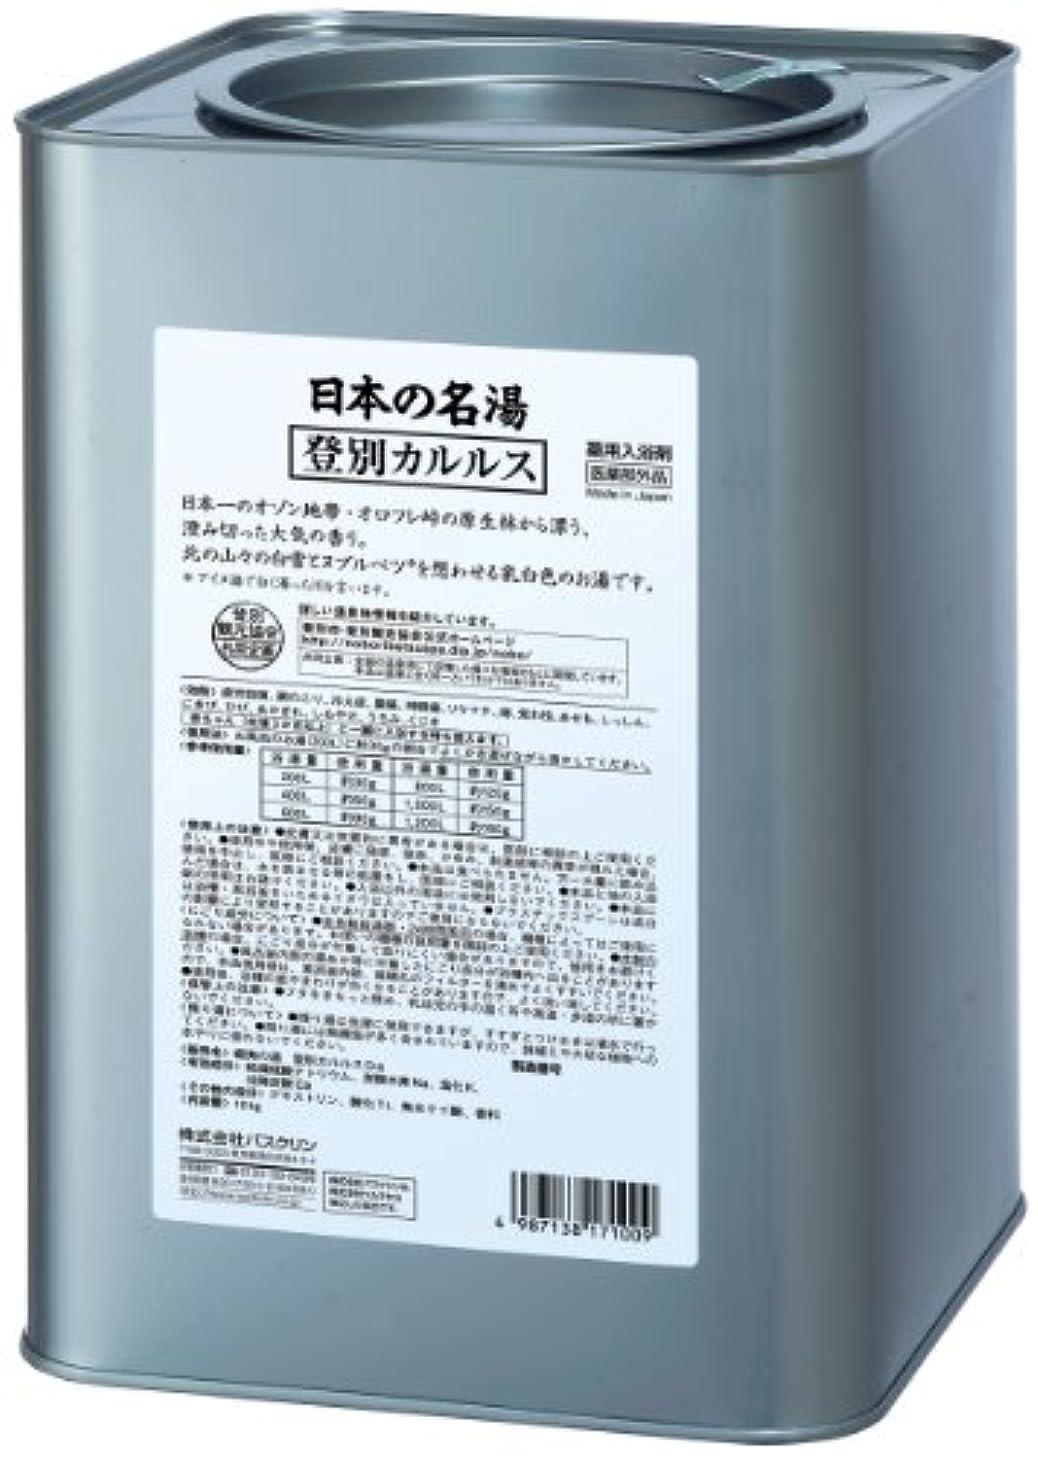 スポーツをする反抗使役【医薬部外品/業務用】日本の名湯入浴剤 登別カルルス(北海道)10kg 大容量 温泉成分 温泉タイプ